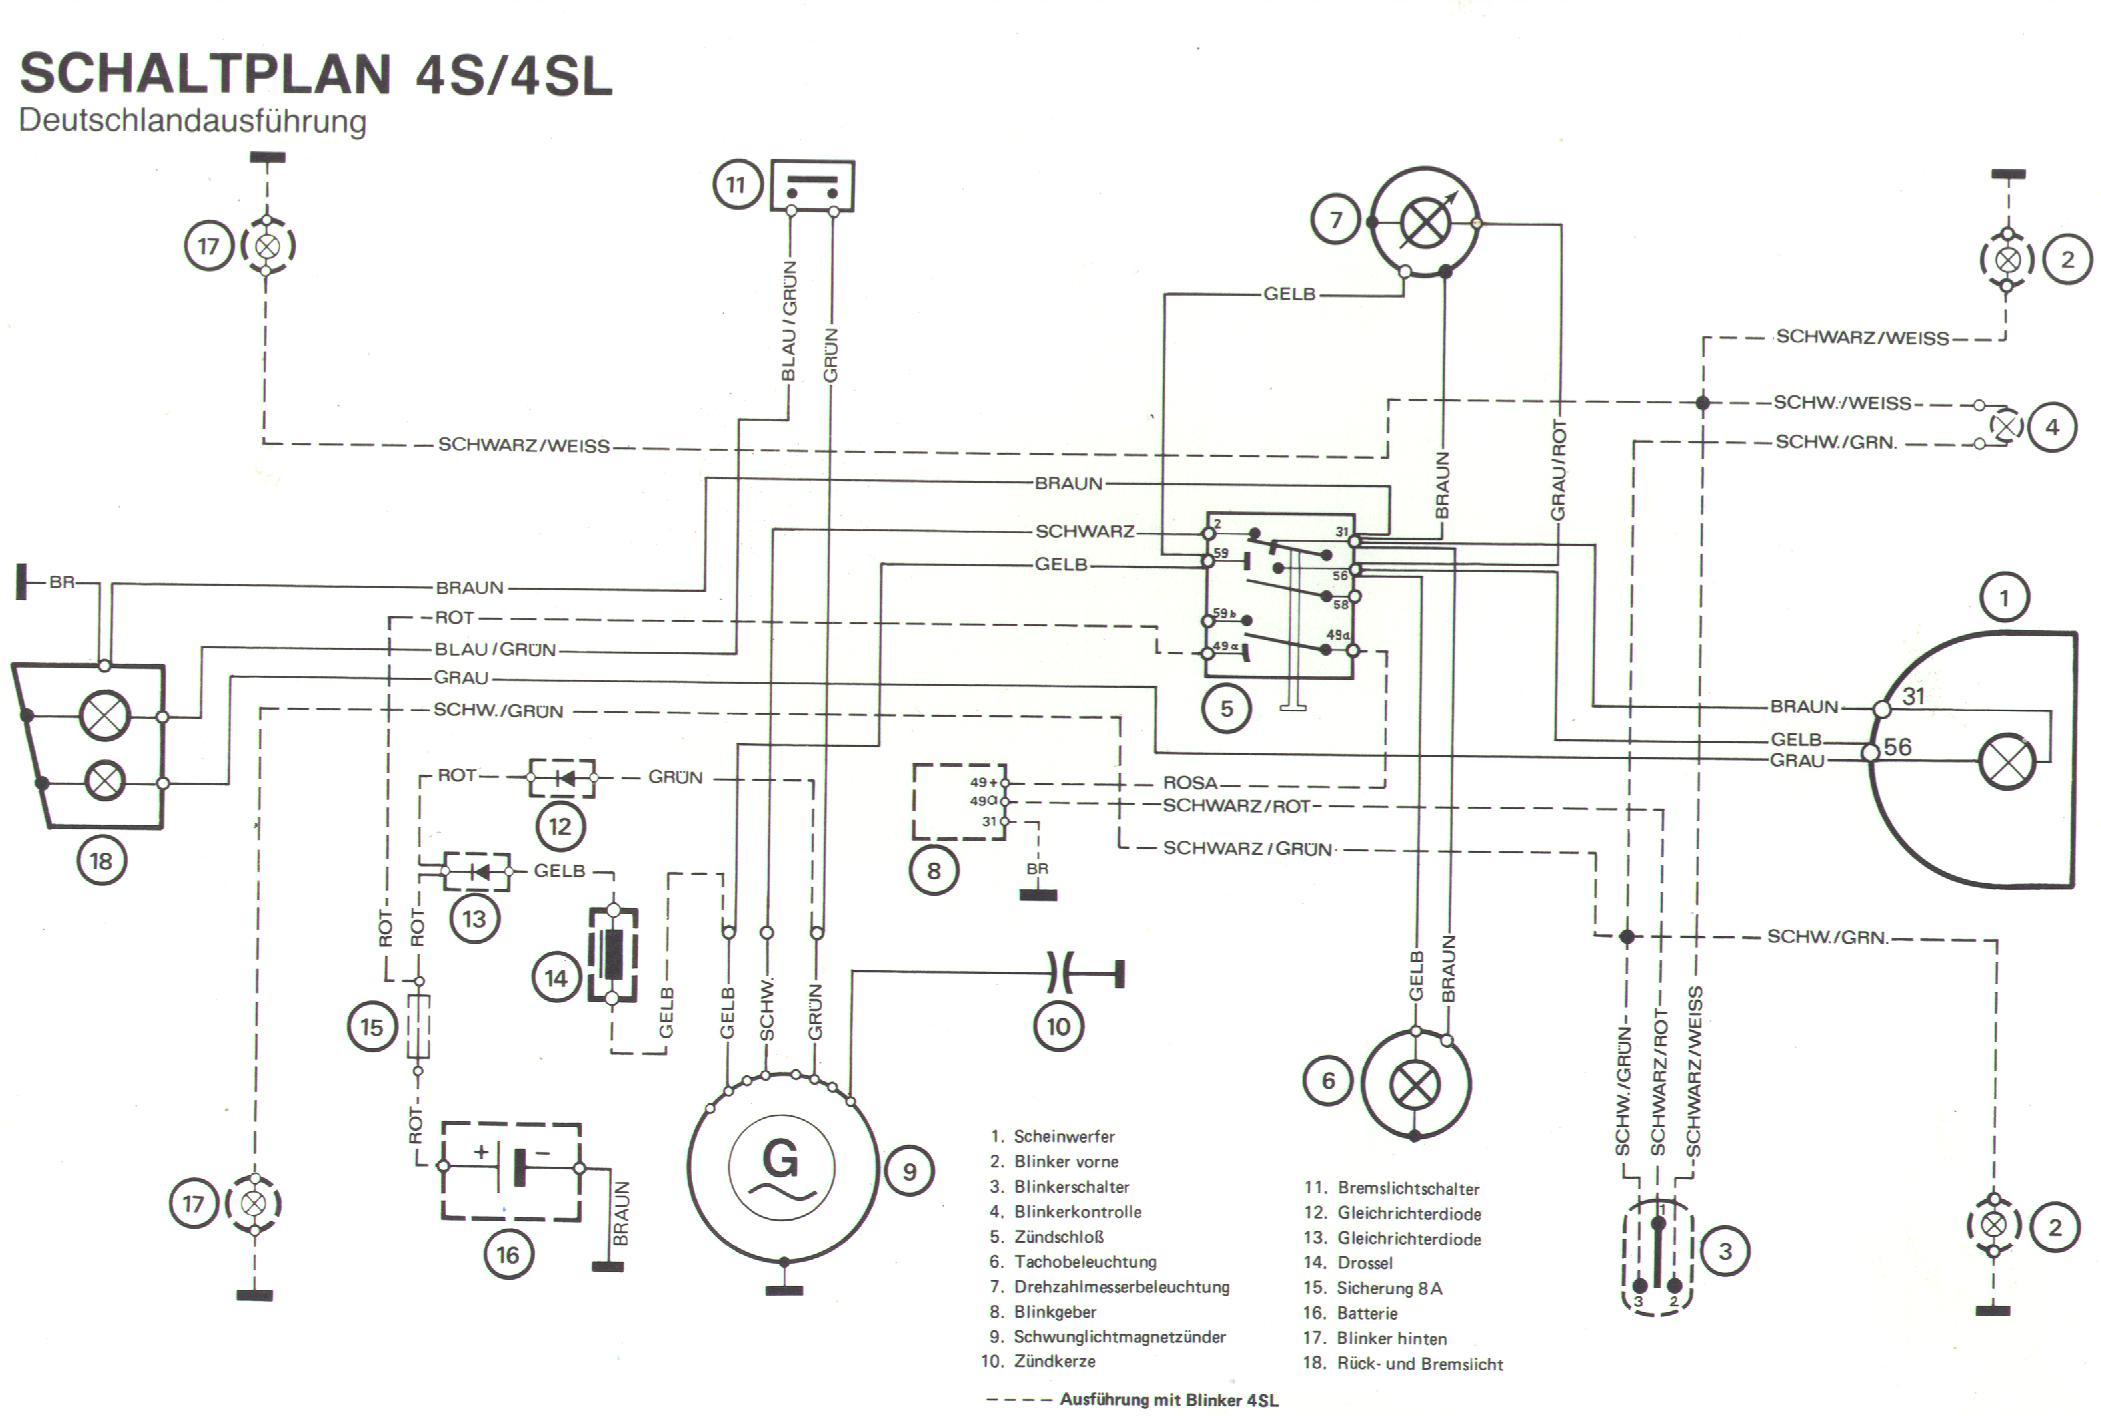 Großartig Schaltplan Dendabear Drosselanschlag Galerie - Elektrische ...